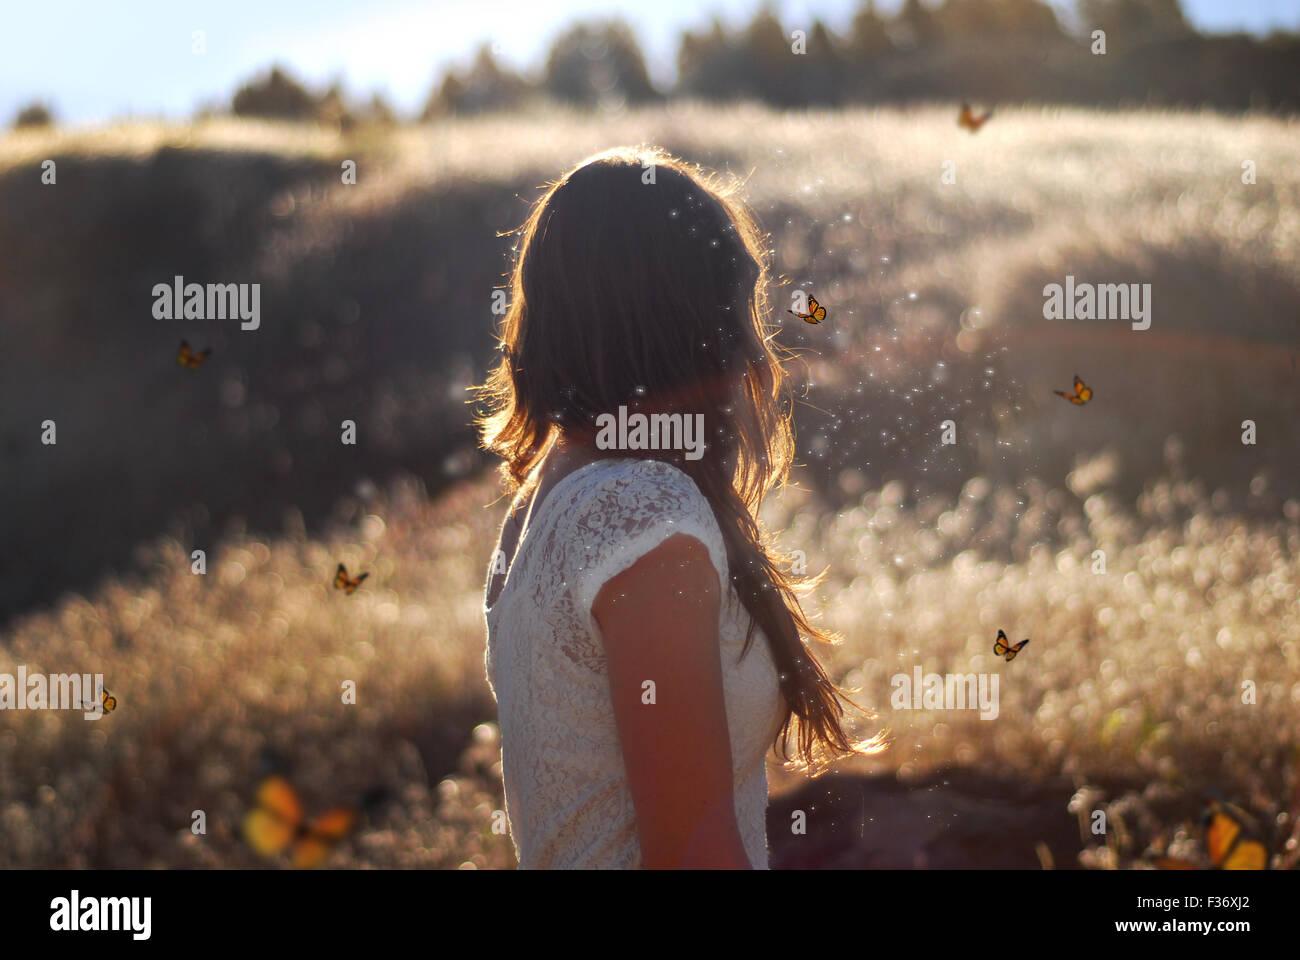 Garota na hora de ouro no vestido branco com borboletas a voar em seu redor Imagens de Stock